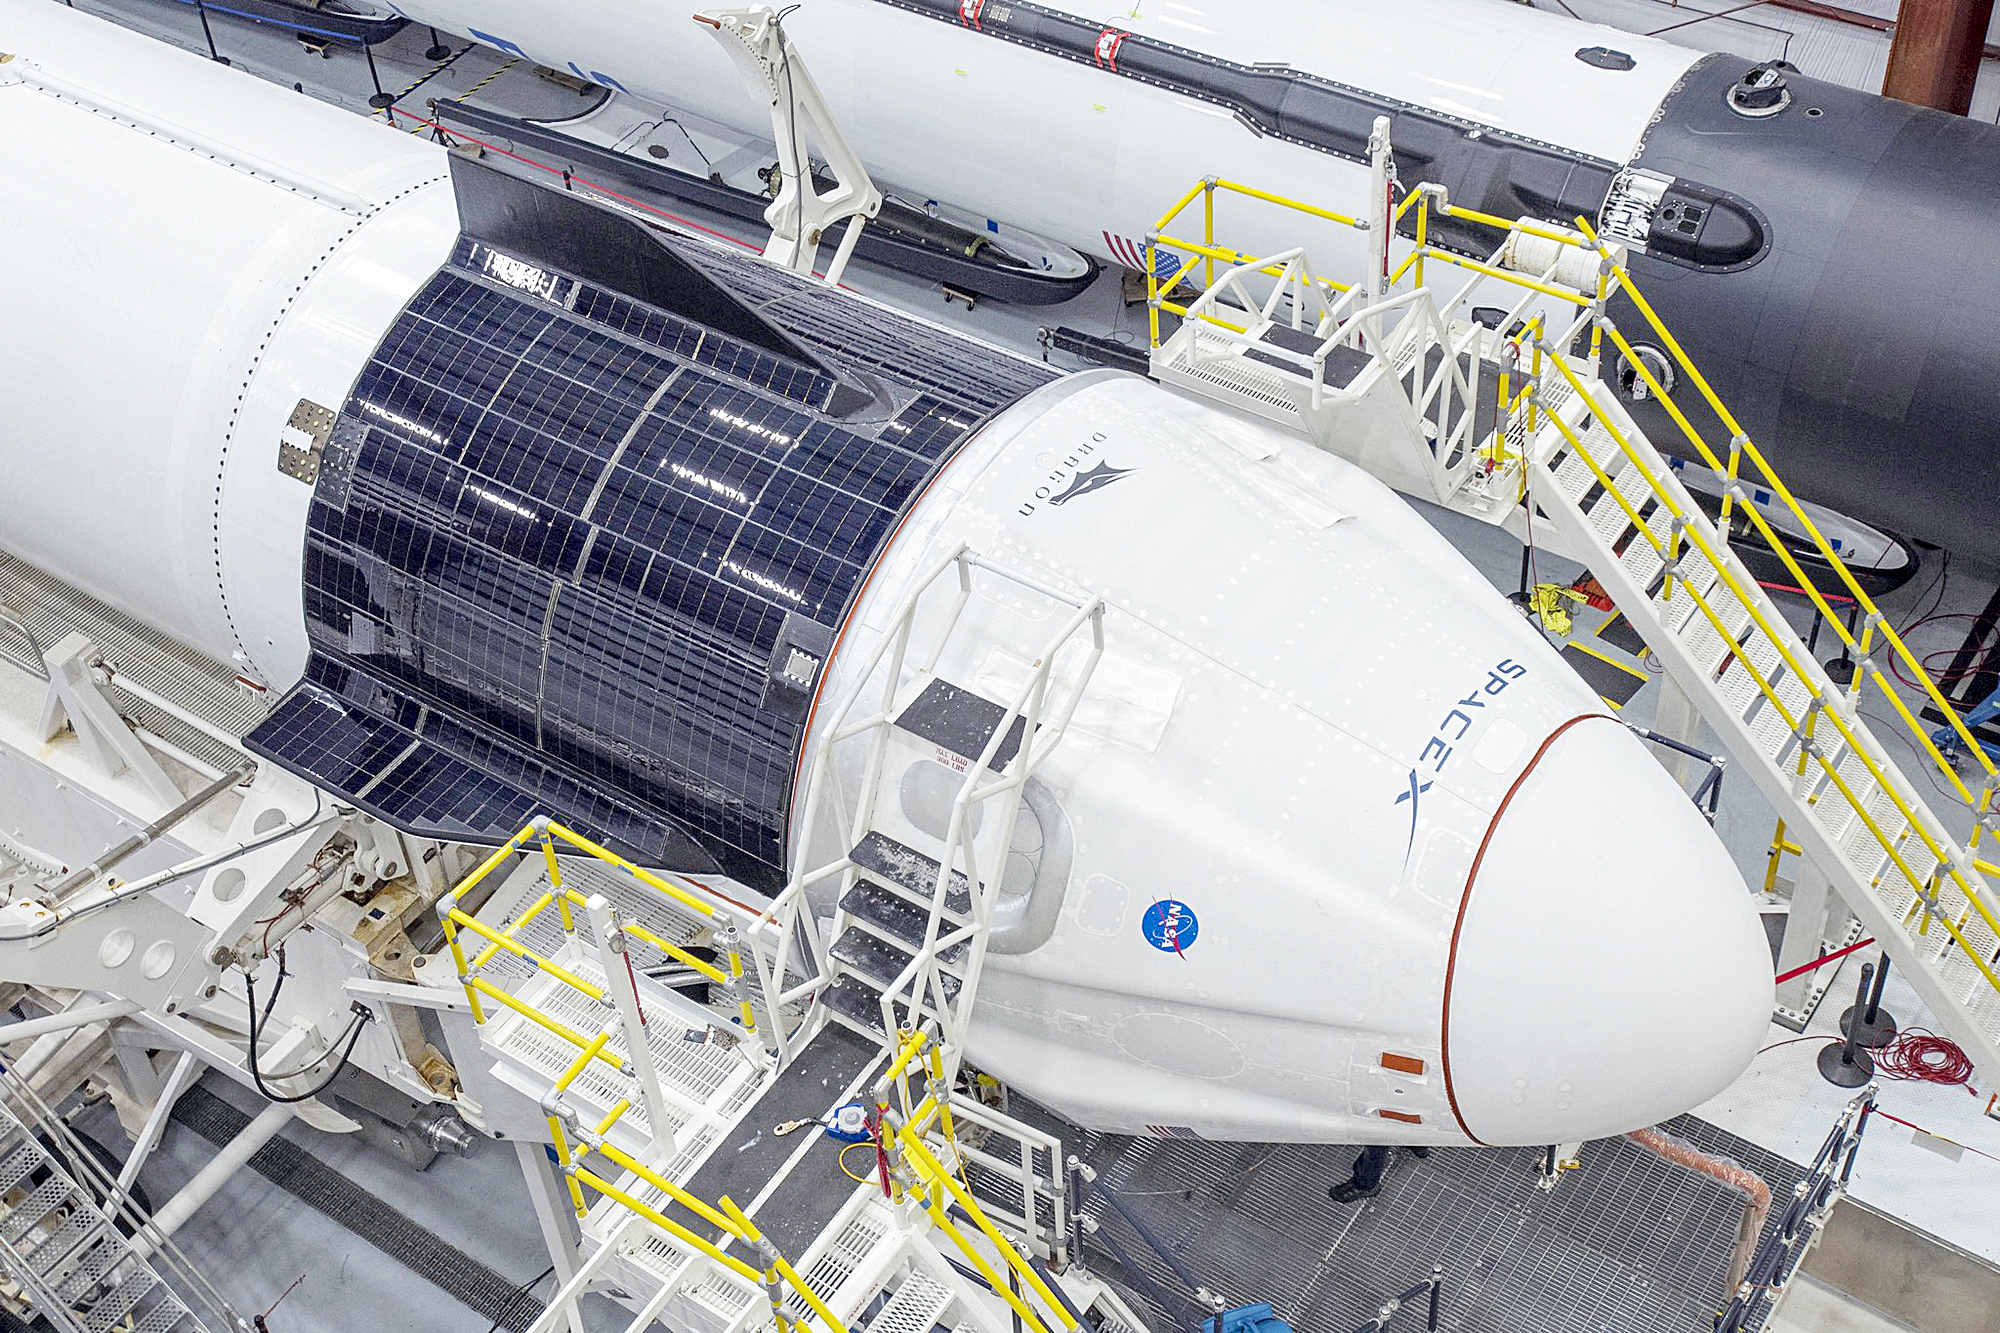 Kể từ chương trình tàu con thoi 30 năm kết thúc năm 2011, Mỹ đều nhờ vào các tàu của Nga nếu muốn lên ISS với chi phí khoảng 86 triệu USD mỗi người. Năm 2014, NASA ký hợp đồng gần 6,8 tỉ USD với hai tập đoàn là Boeing và SpaceX chế tạo tàu vũ trụ thay thế - Ảnh: NASA